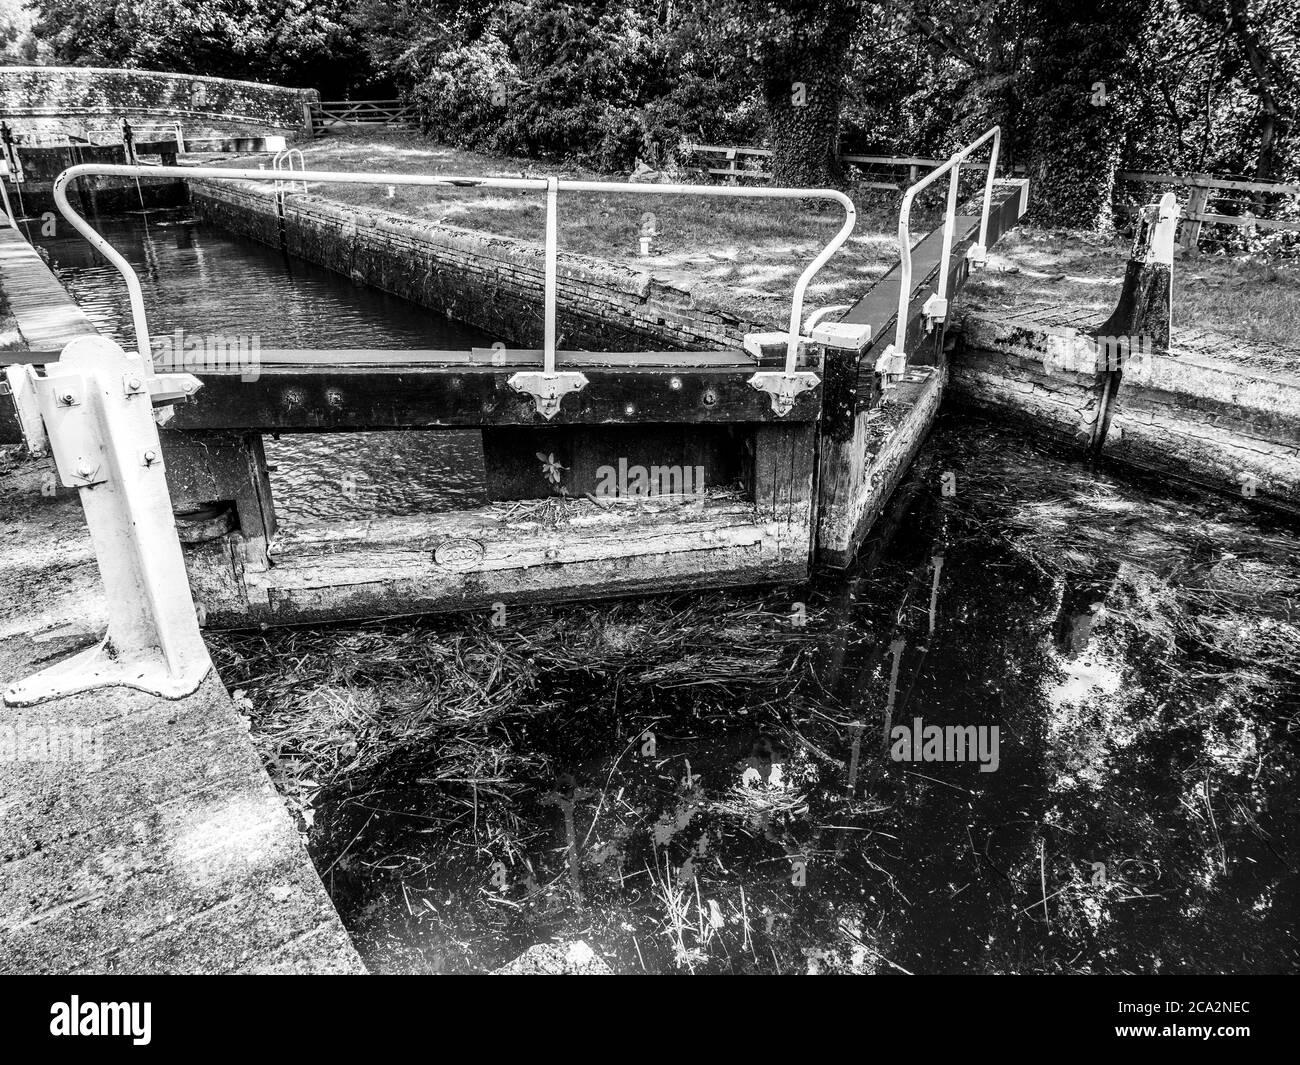 Blanco y Negro Bellas Artes paisaje de Hamstead Lock, Newbury, Kennet y Avon Canal Berkshire, Inglaterra, Reino Unido, GB. Foto de stock